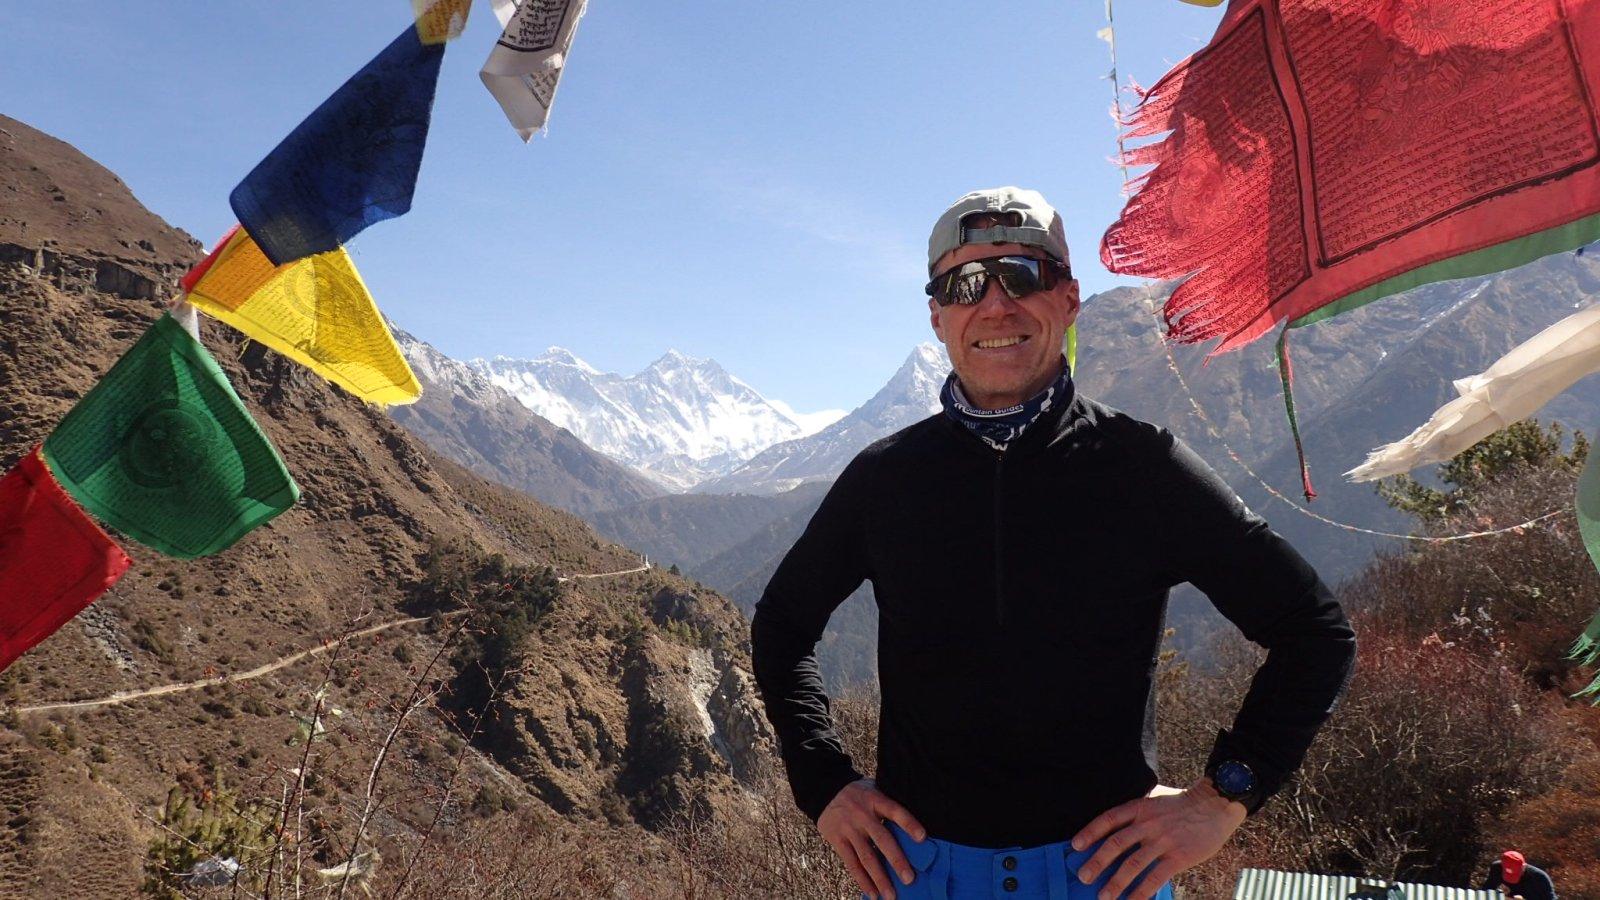 Dag 5 av turen. Ca 3.700 meter. Første gang vi ser toppen av Mount Everest (toppen til venstre på bildet). Foto: privat.